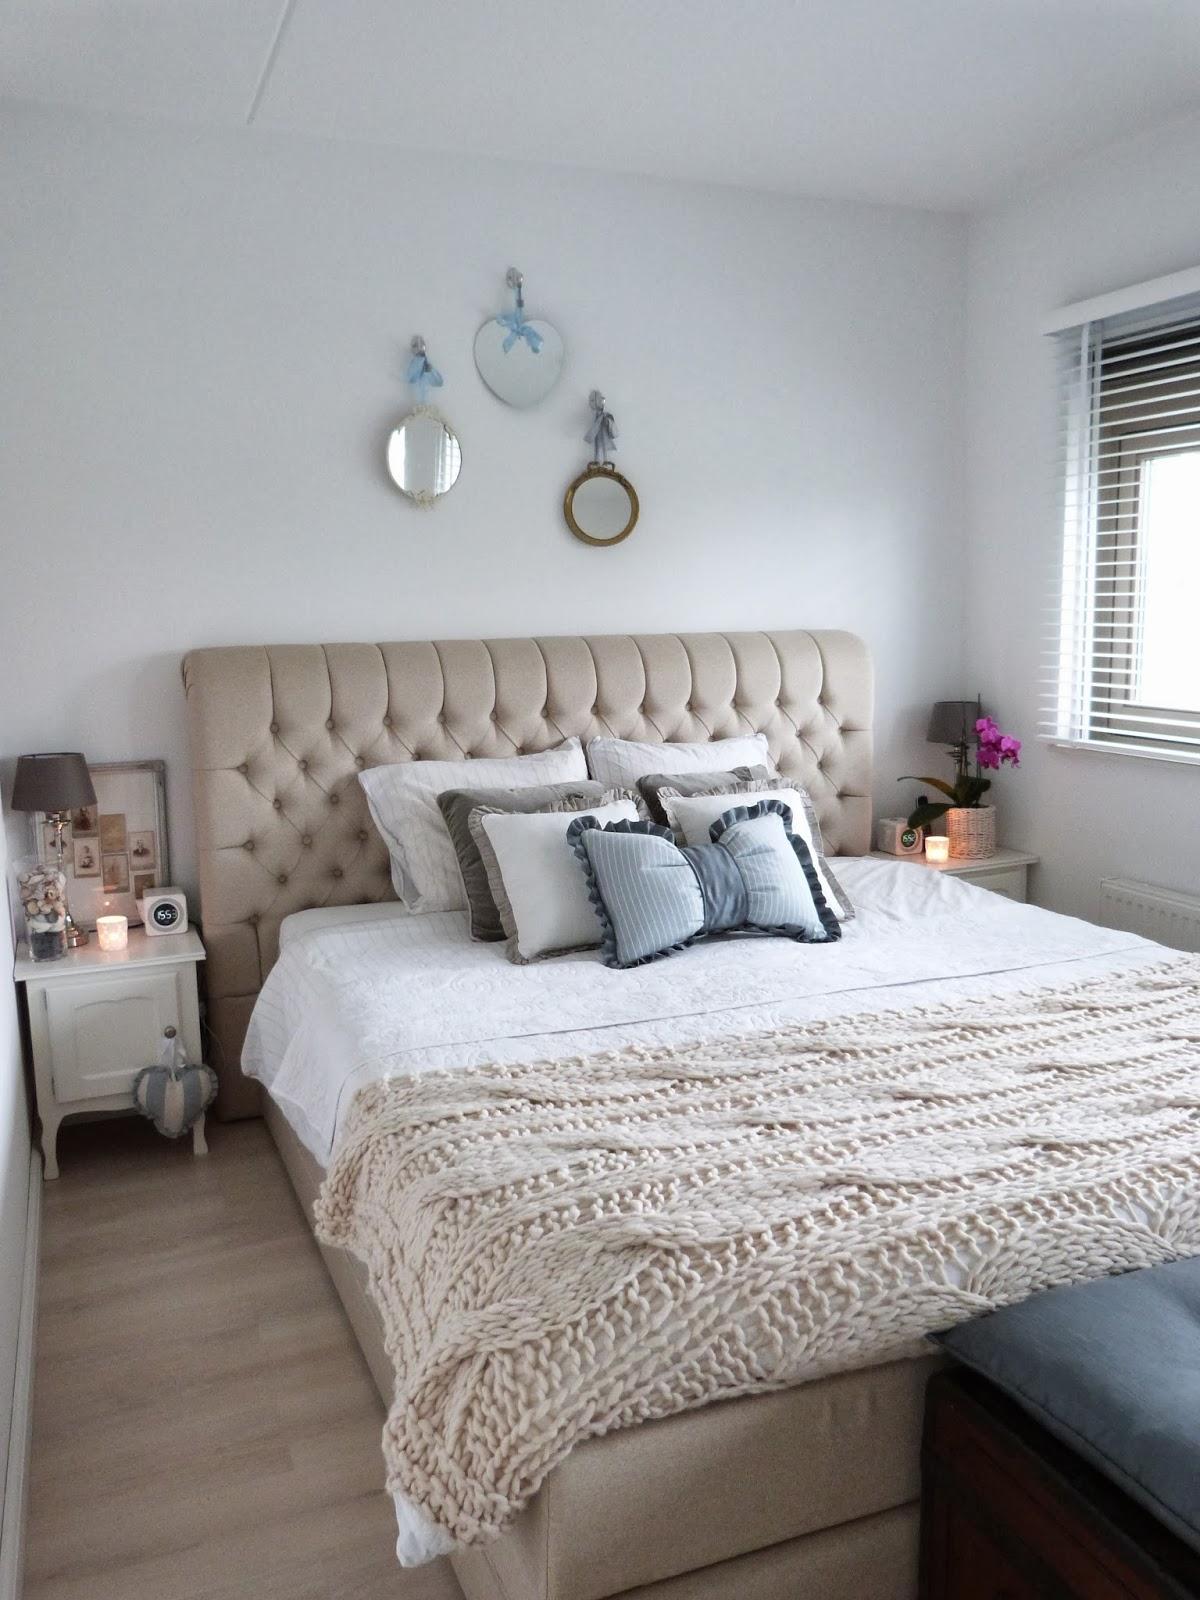 ... Brocante-Schelpenhuisje: Knusse slaapkamer met beddengoed in laagjes